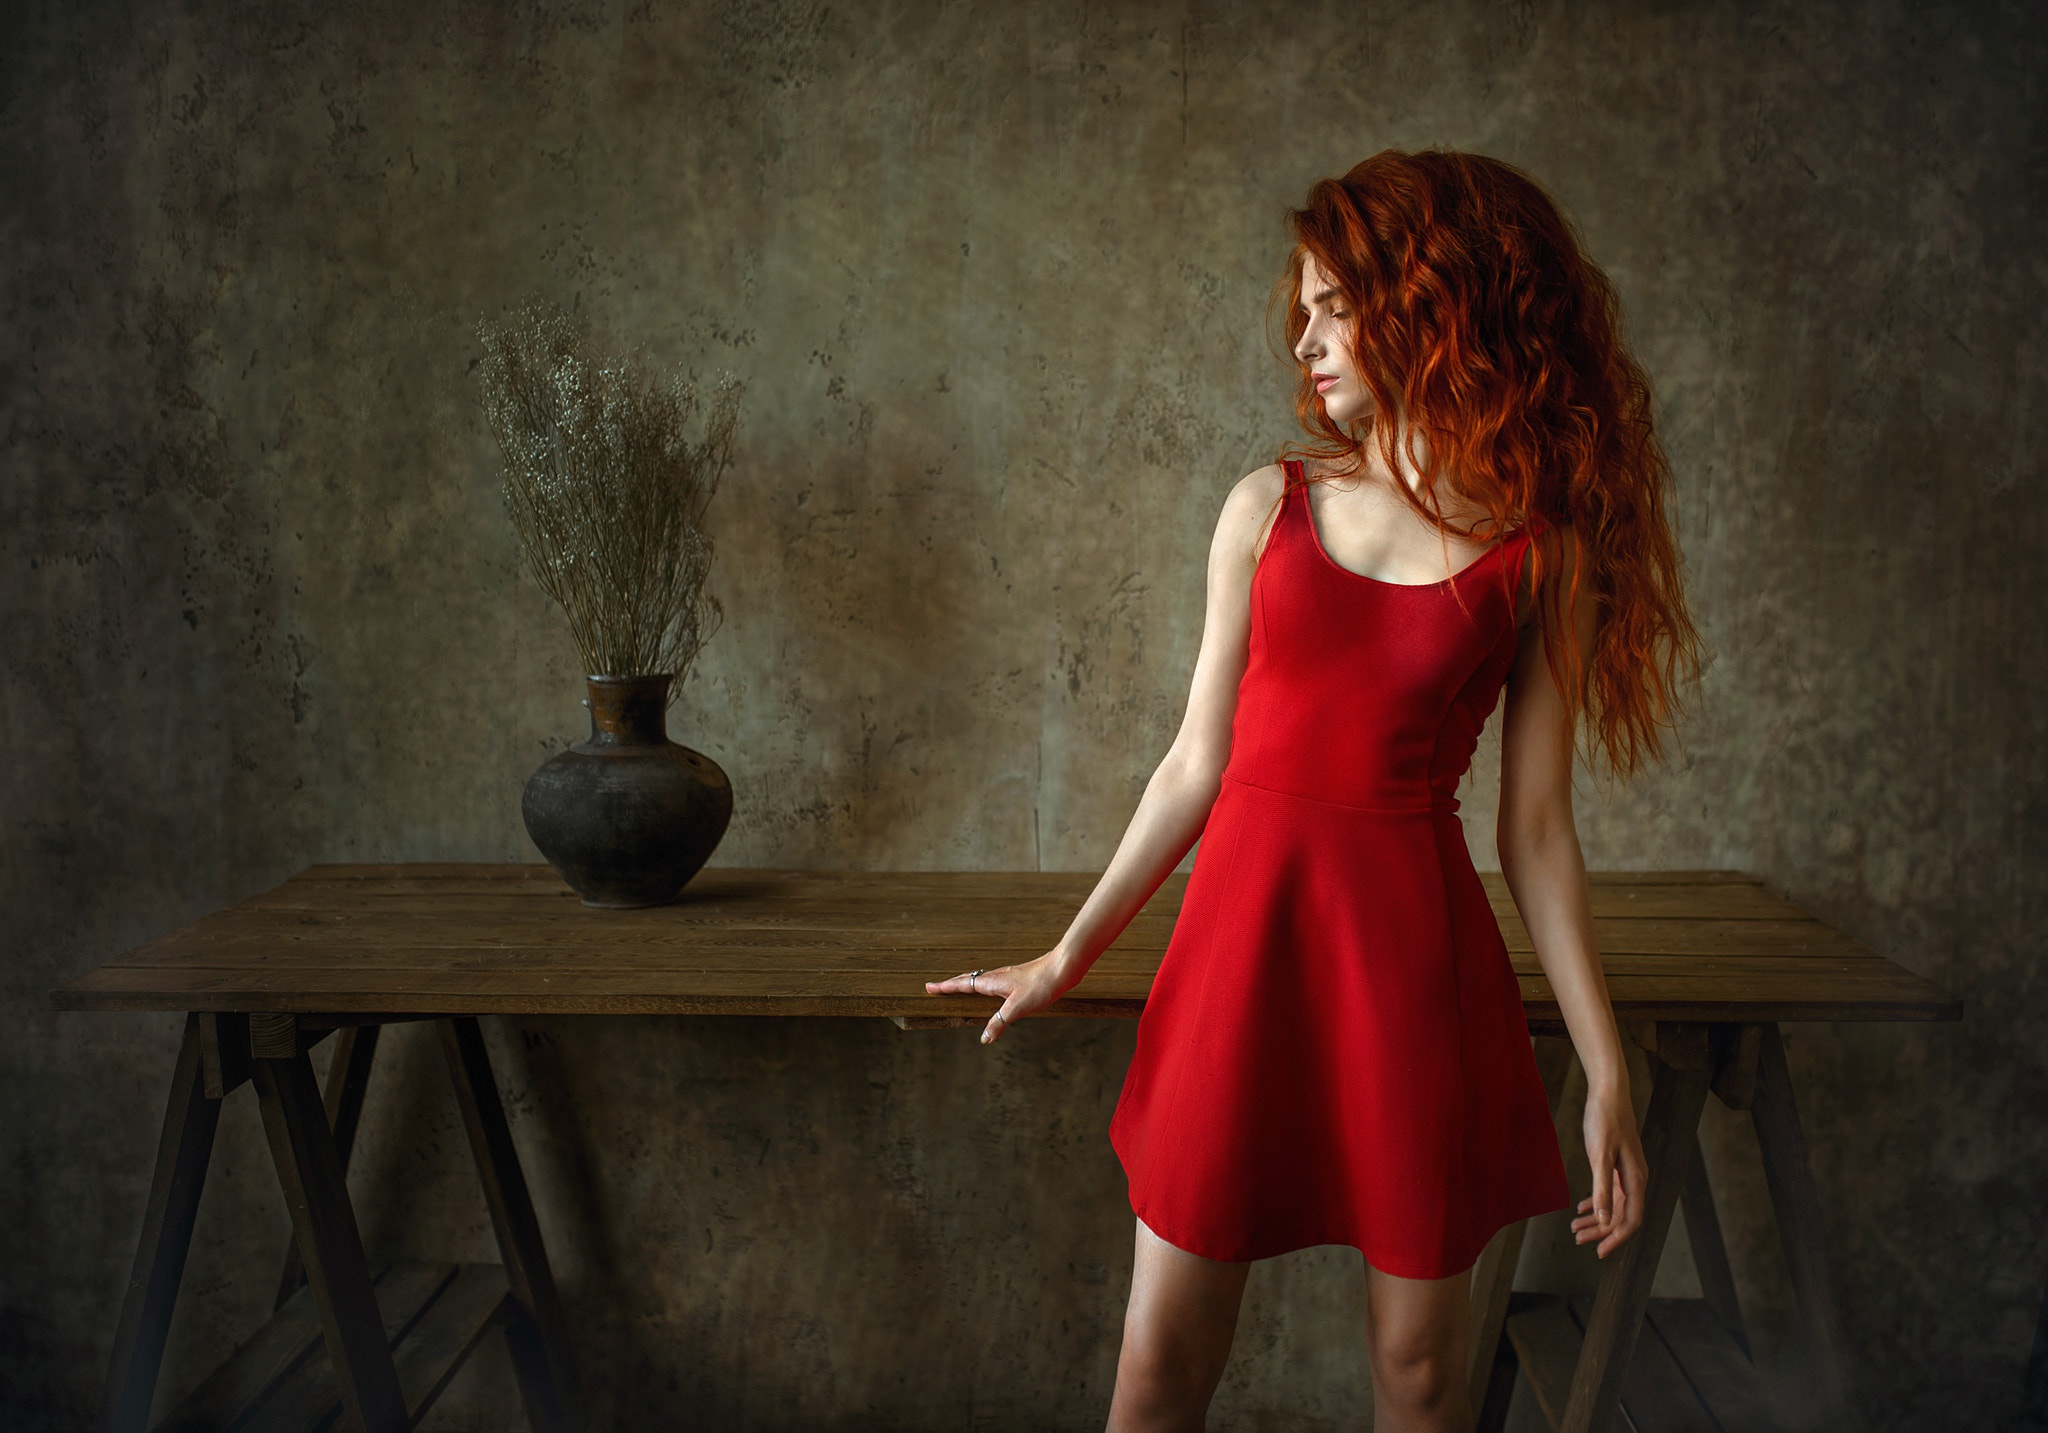 Model Redhead Red Dress 2048x1433